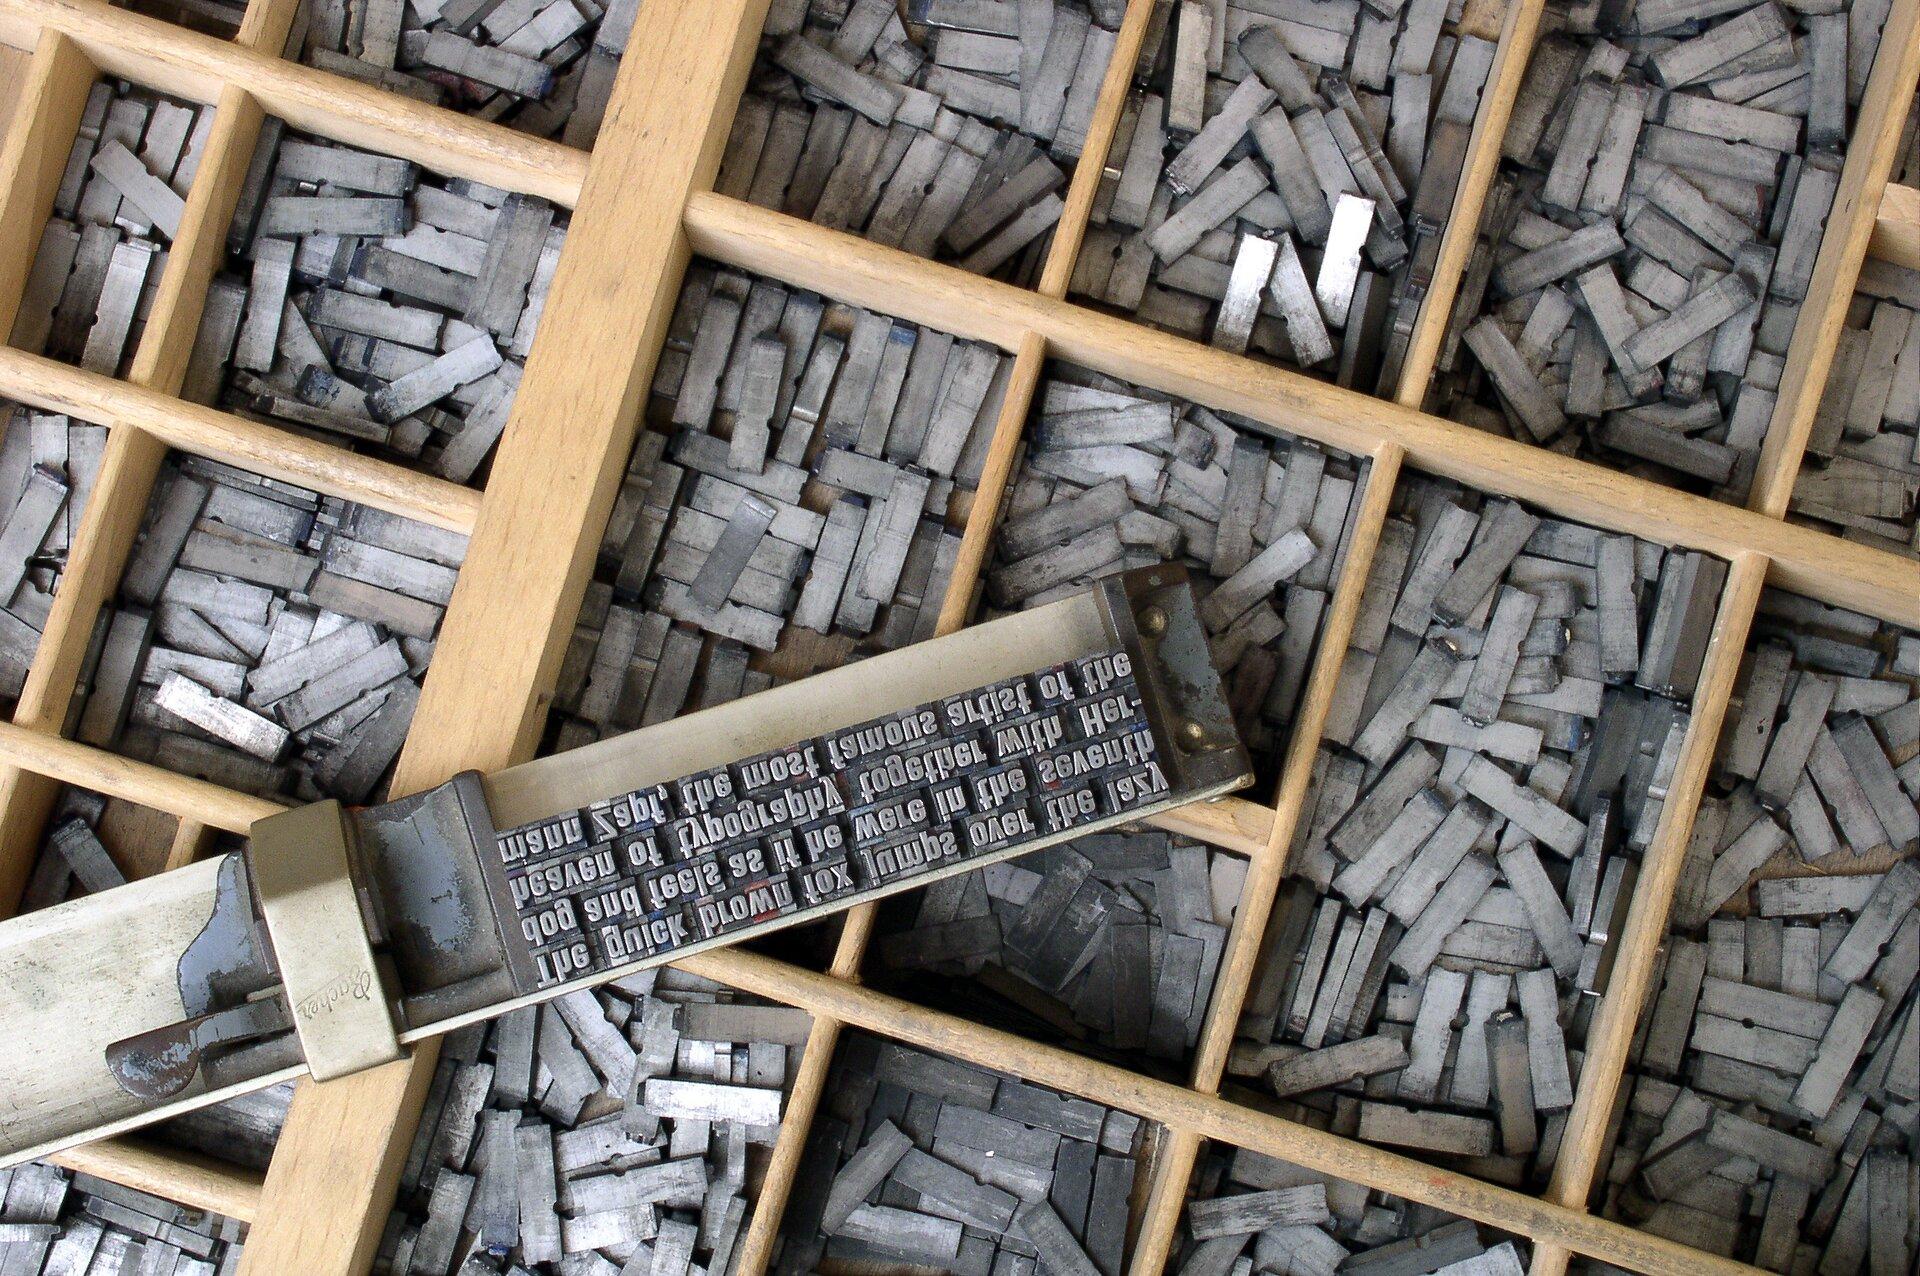 Czcionka drukarska Źródło: Willi Heidelbach, Czcionka drukarska, licencja: CC BY-SA 3.0.